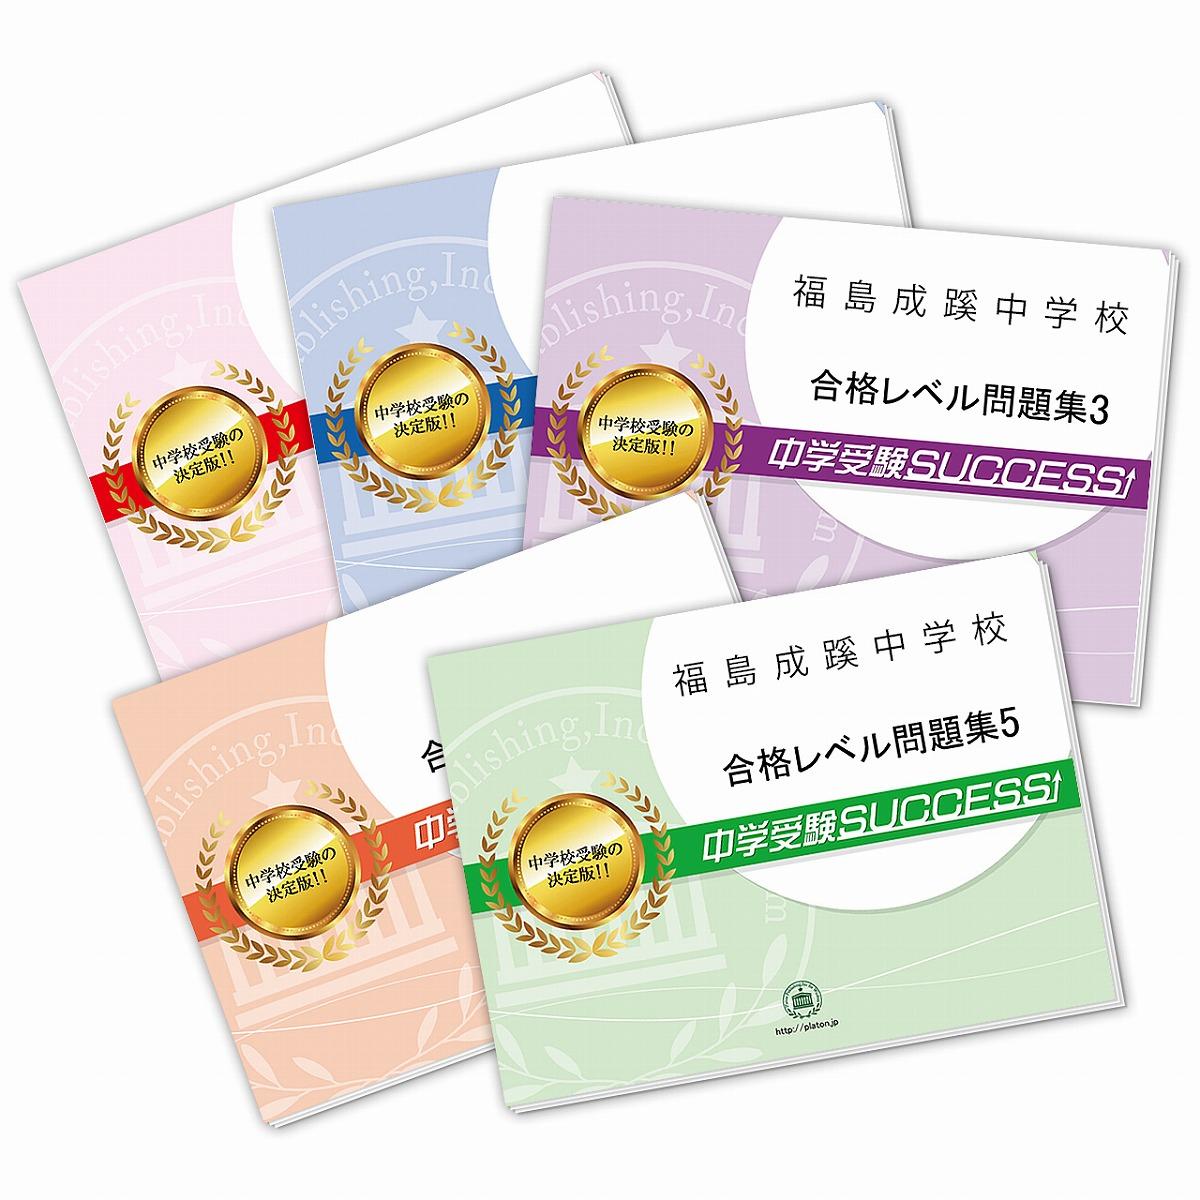 【送料・代引手数料無料】福島成蹊中学校・直前対策合格セット(5冊)